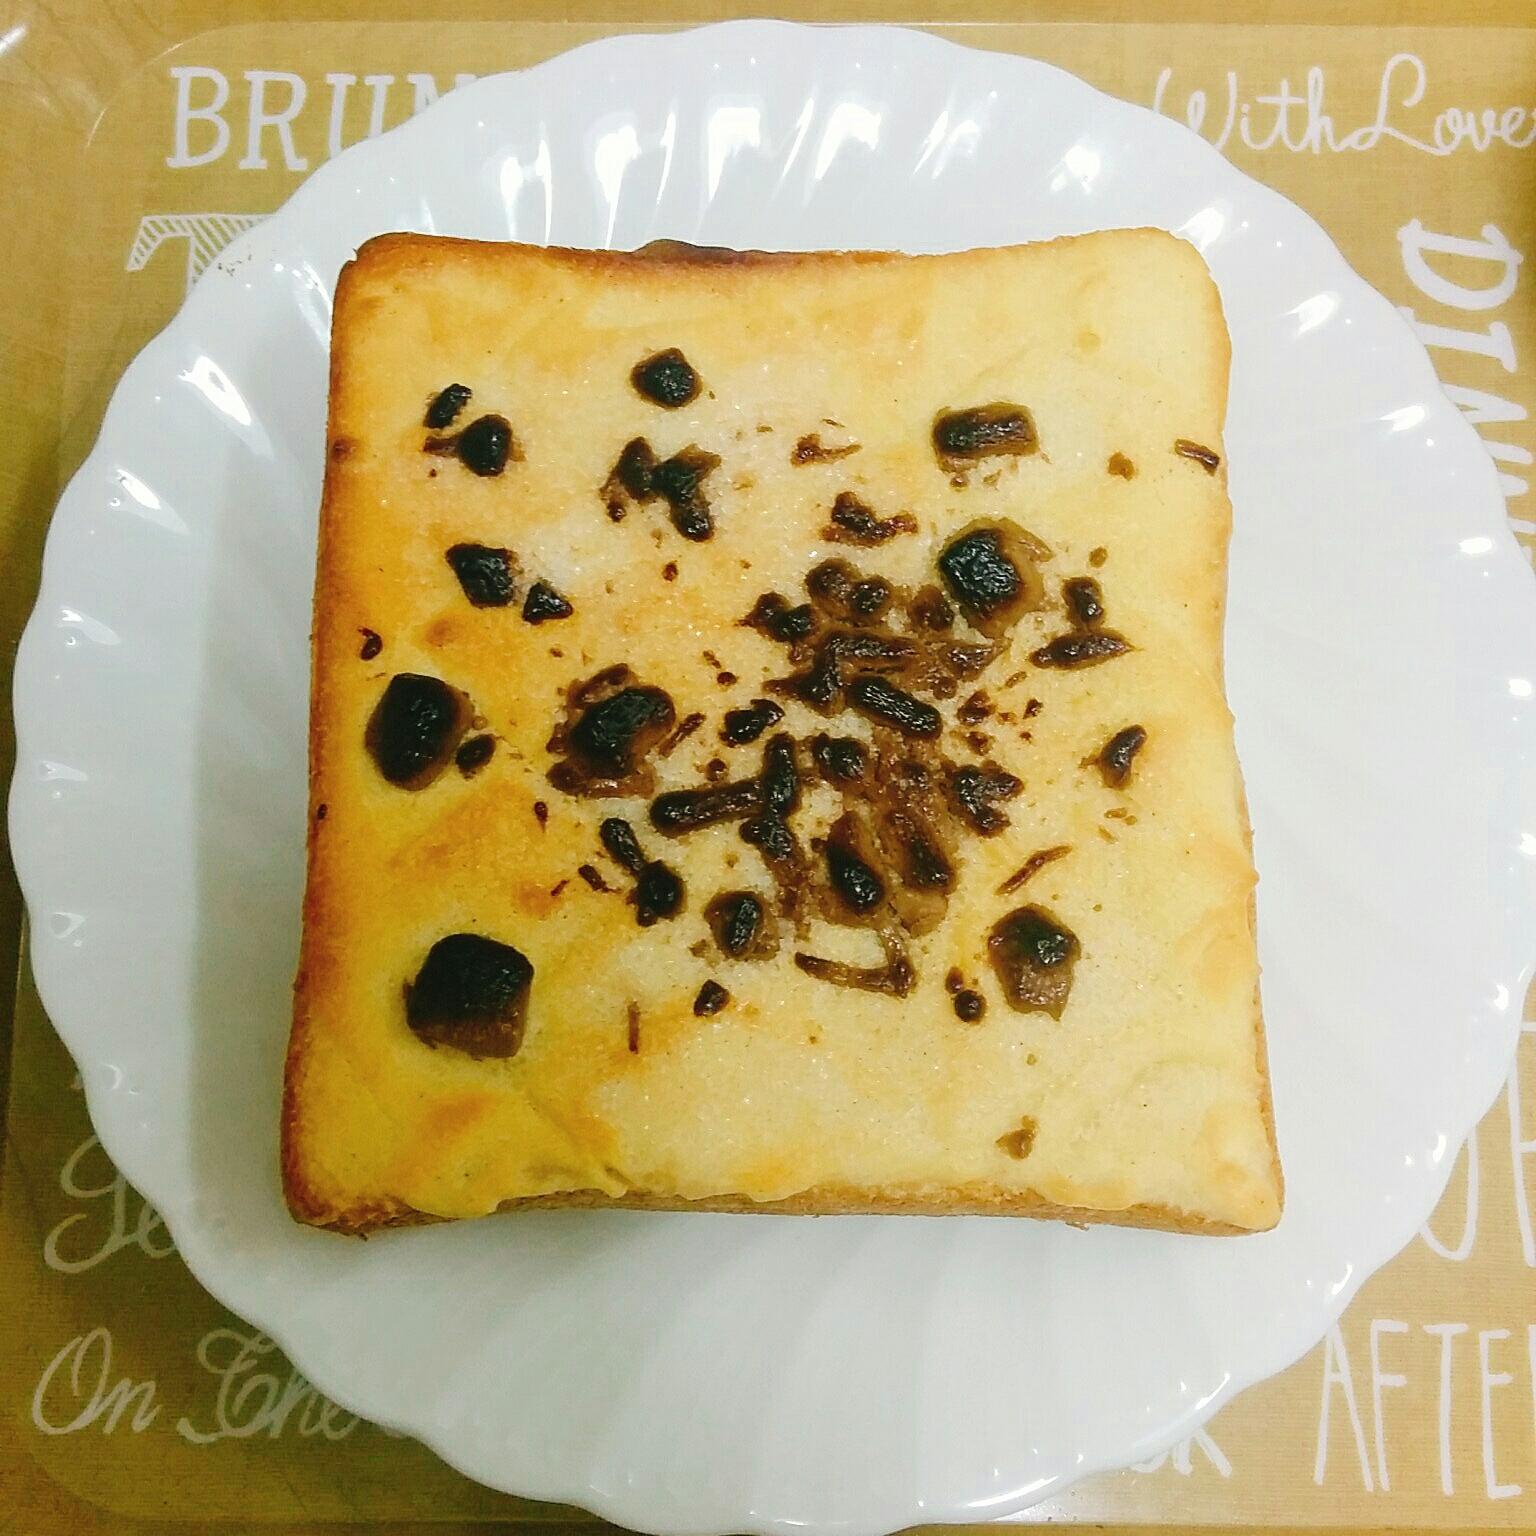 2. チョコチップメロンパントースト